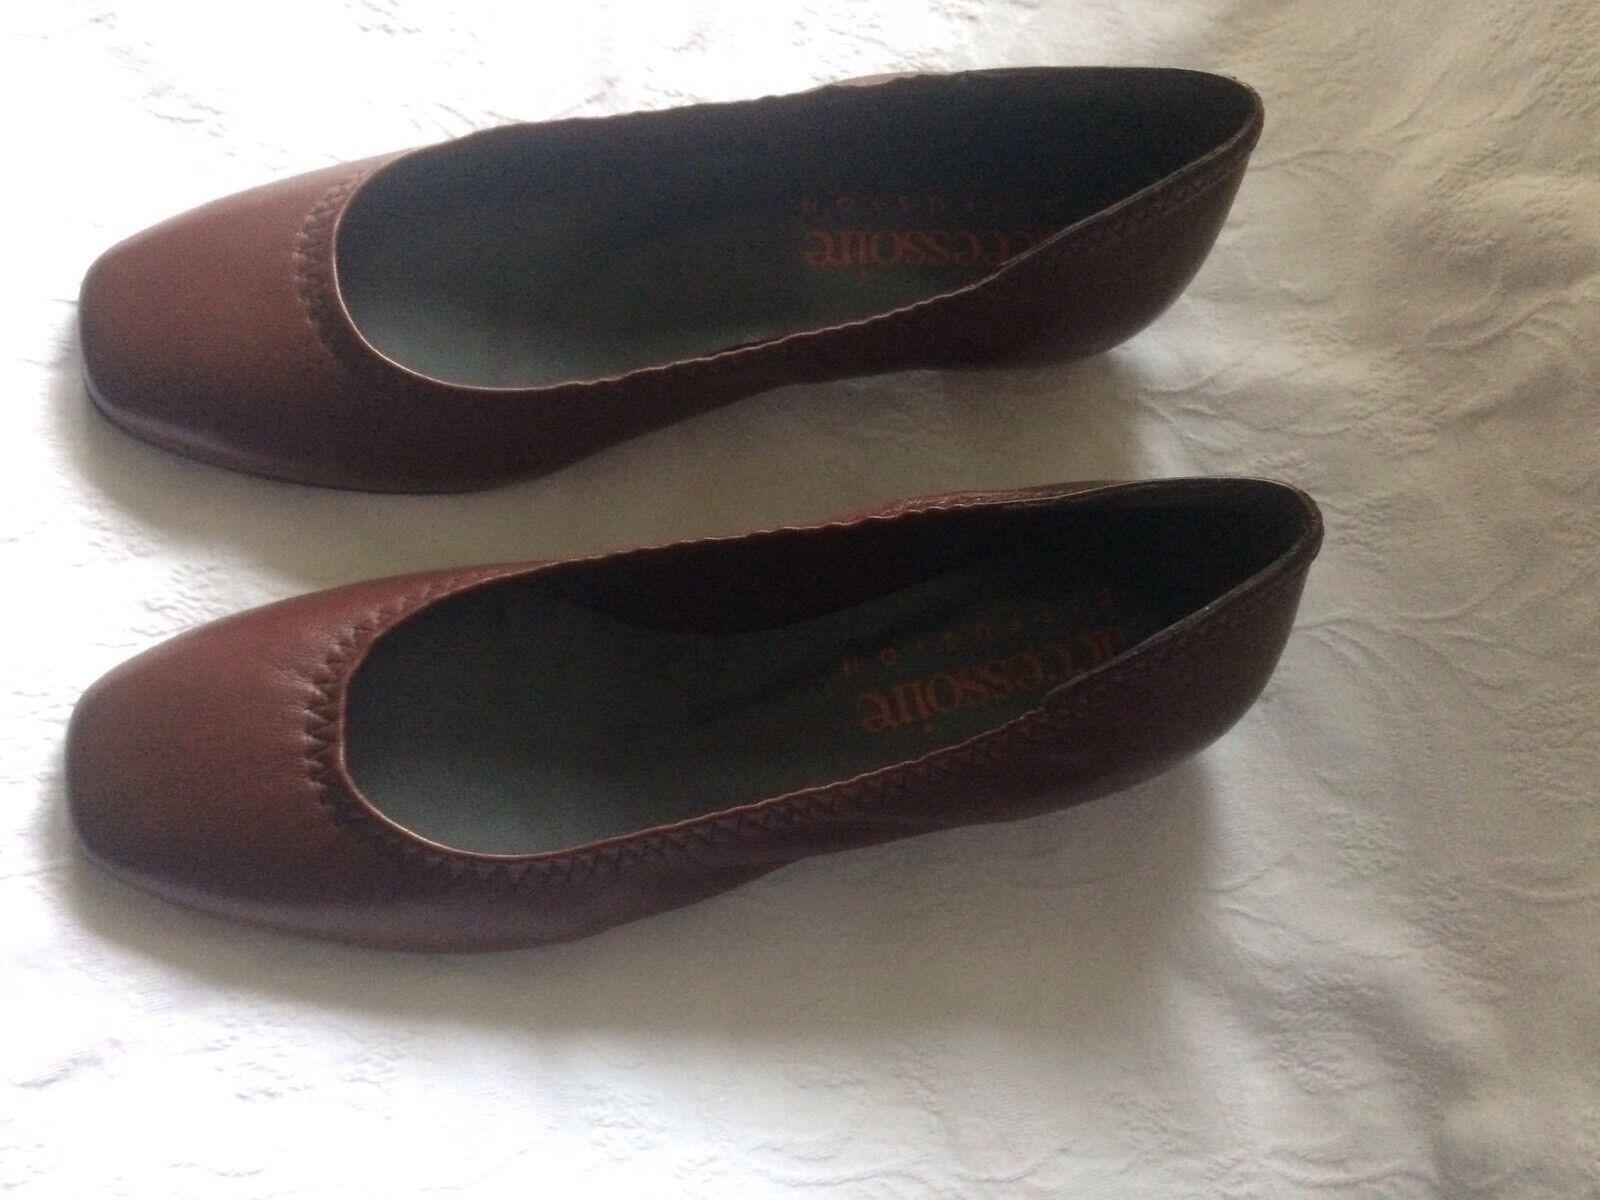 Accessoire Diffusion Chaussures Pointure 37 Tout Cuir Marron Neuves